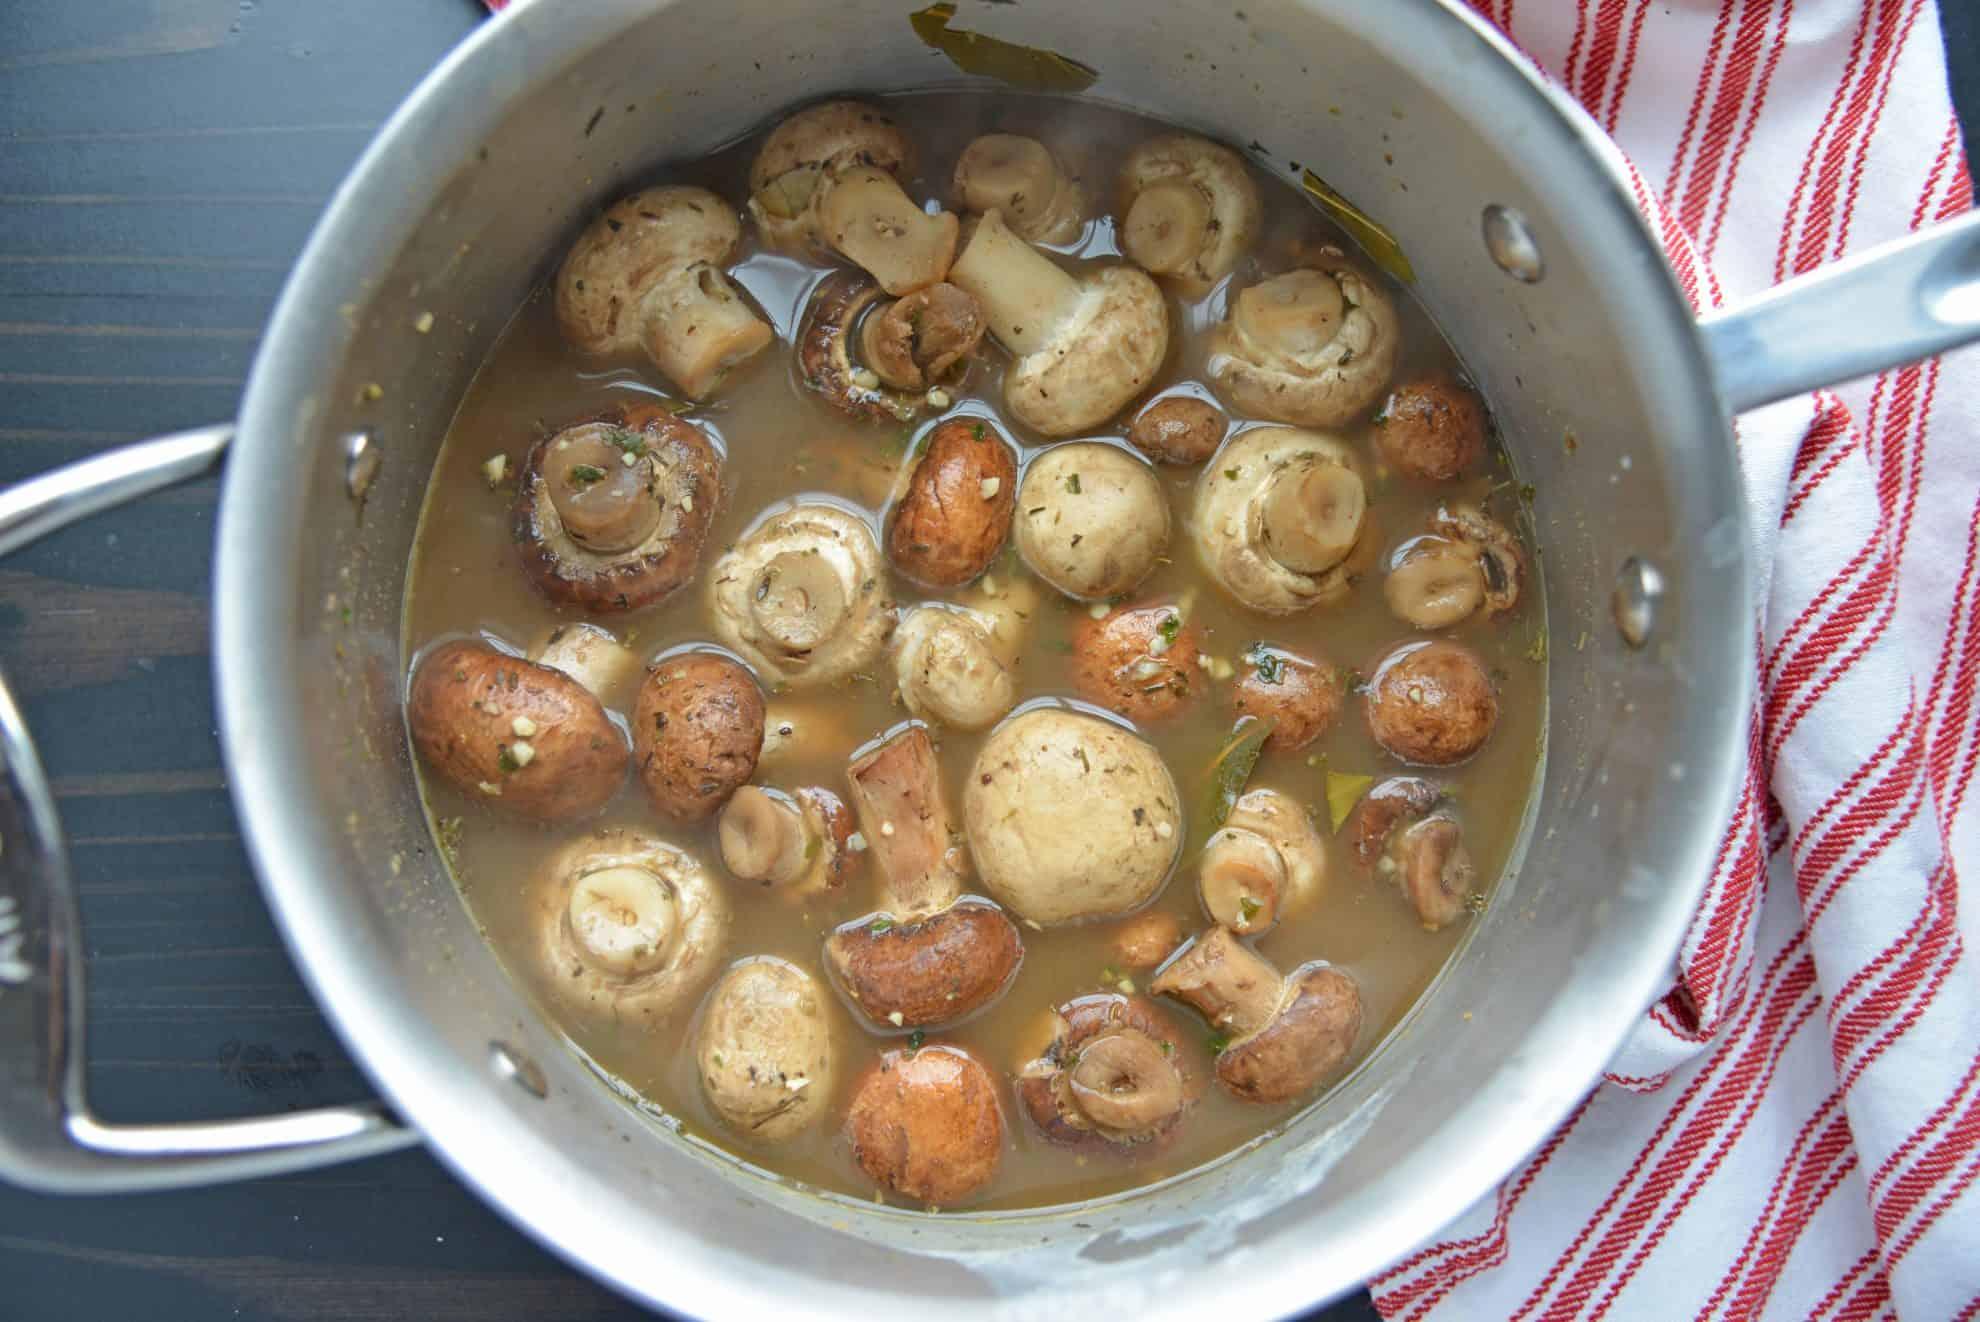 Mushrooms before cream cooking